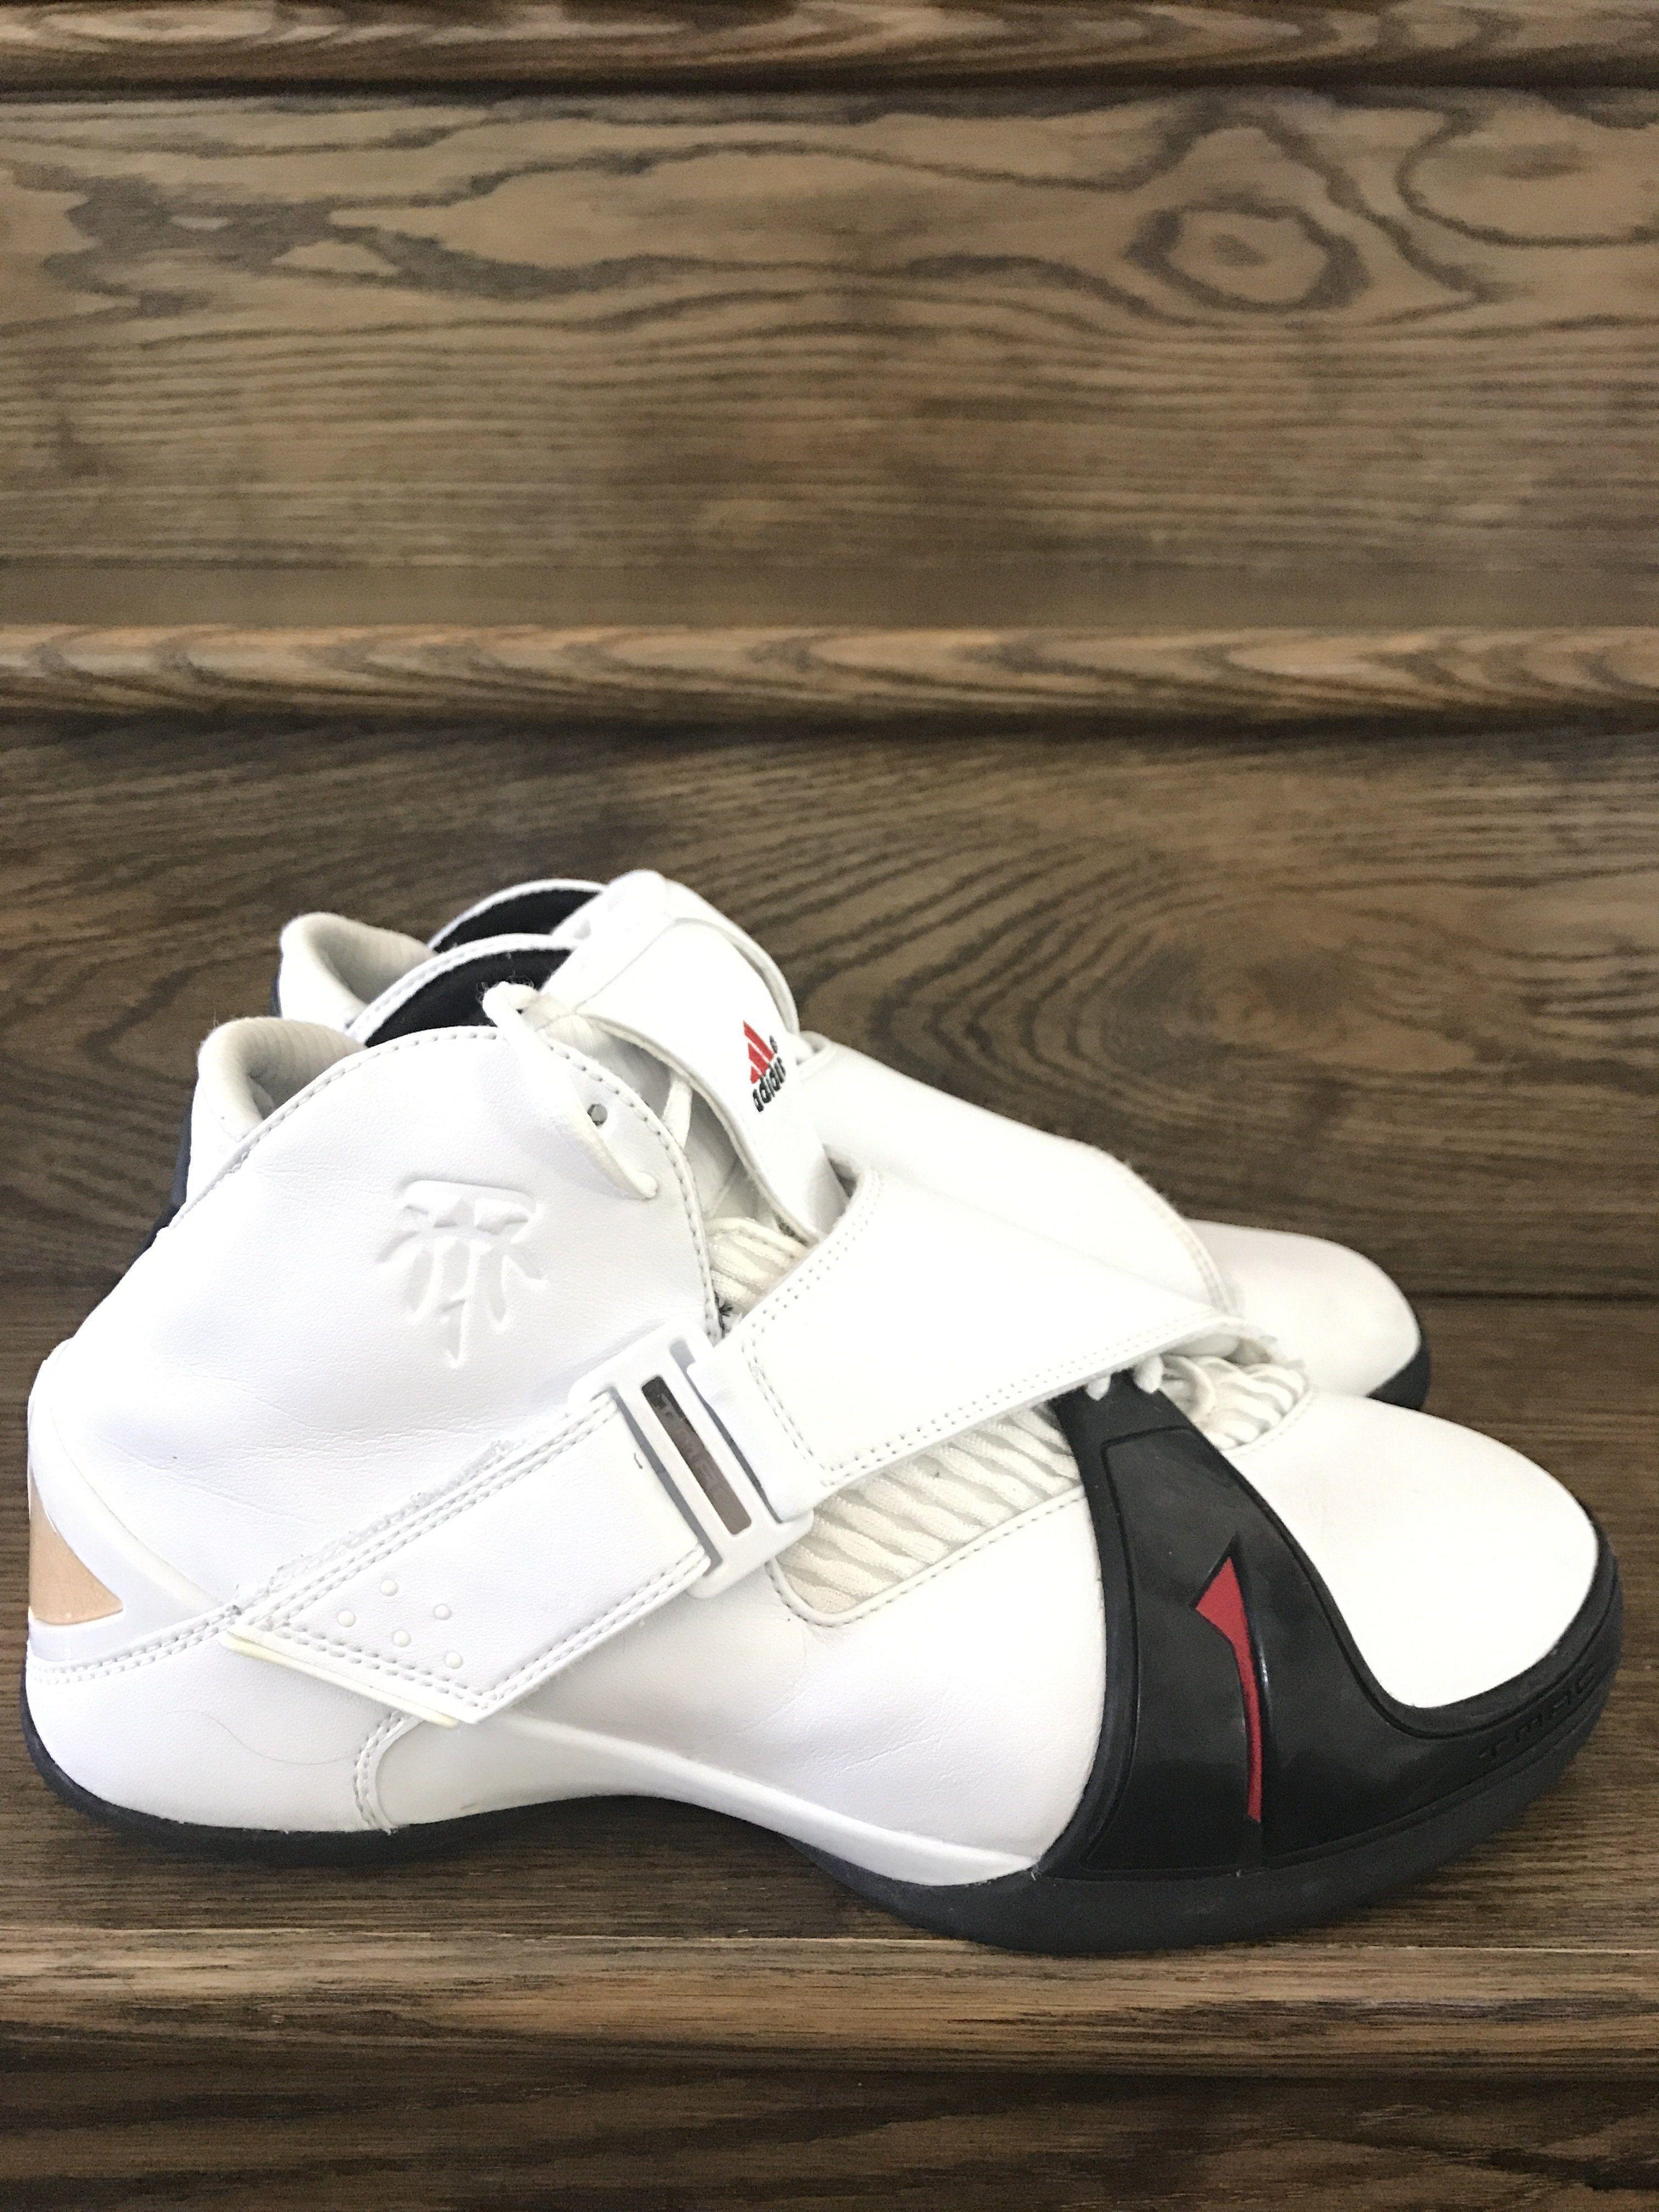 84a916cc8379c8 Mens VTG 2005 Adidas T-Mac 5 Basketball Shoes Sz. 10 ID  809942 ...